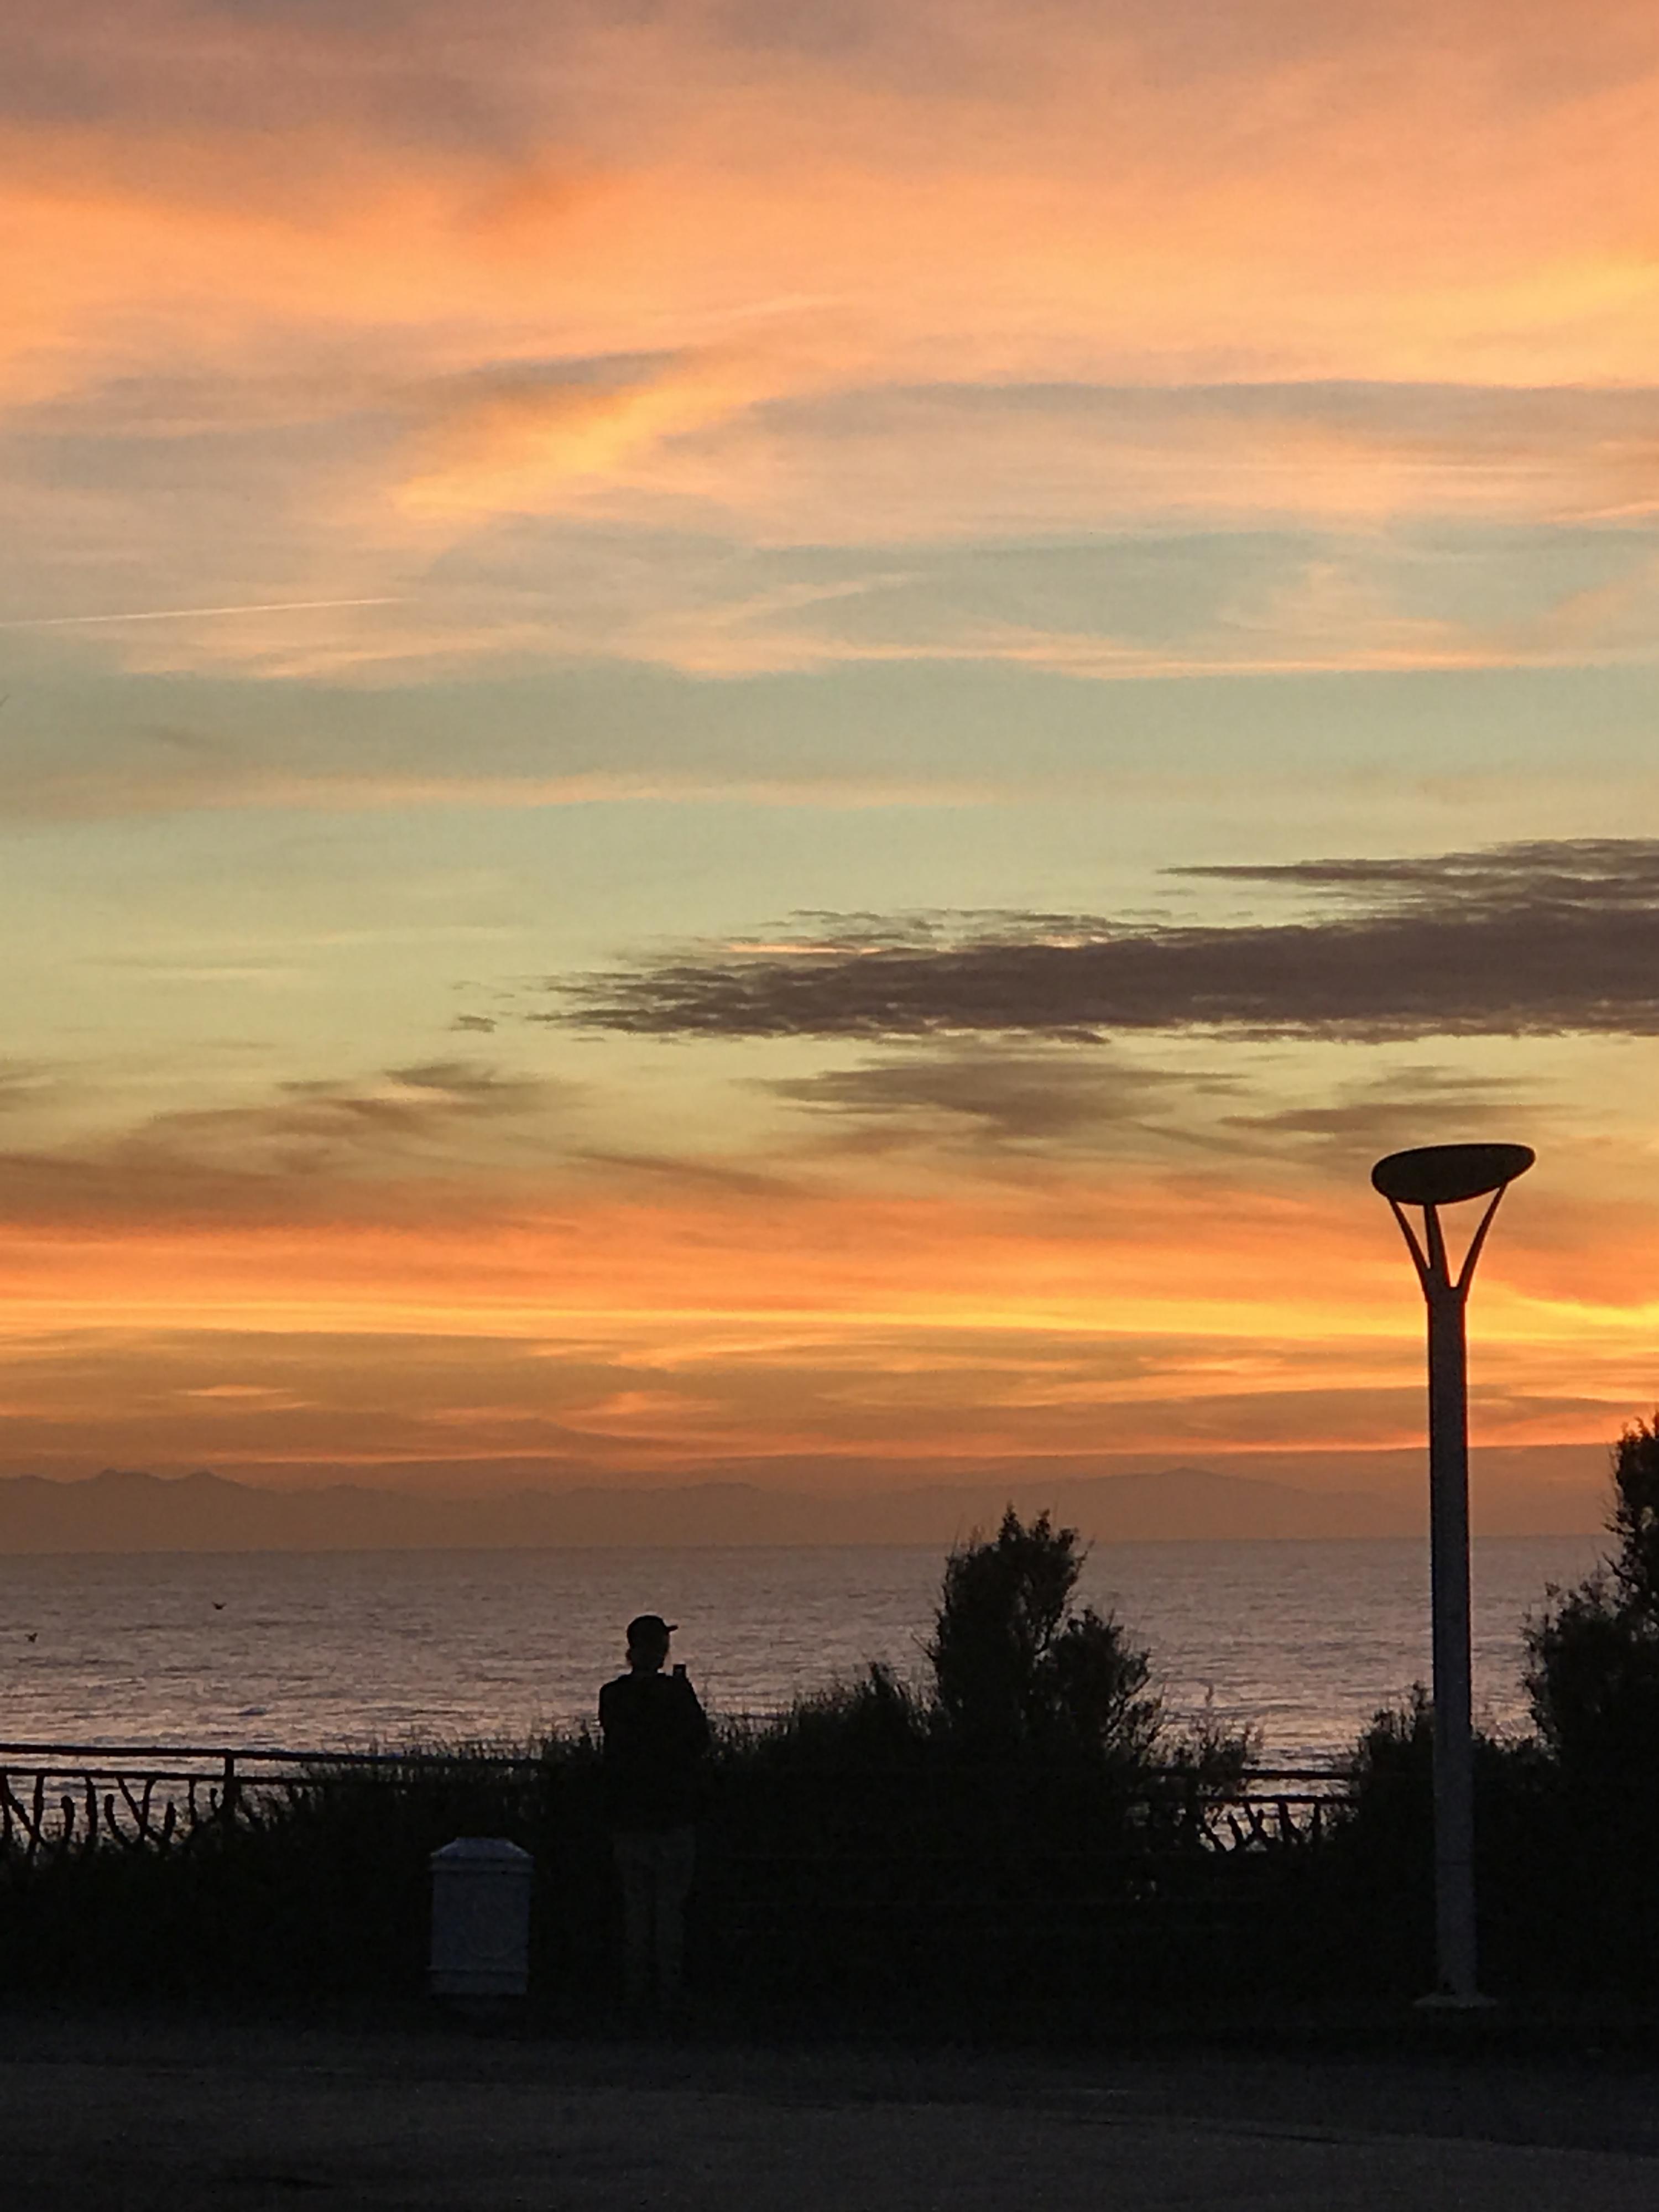 coucher soleil biarritz rocher de la vierge le 23 10 2017 19h24 paysages nocturnes. Black Bedroom Furniture Sets. Home Design Ideas